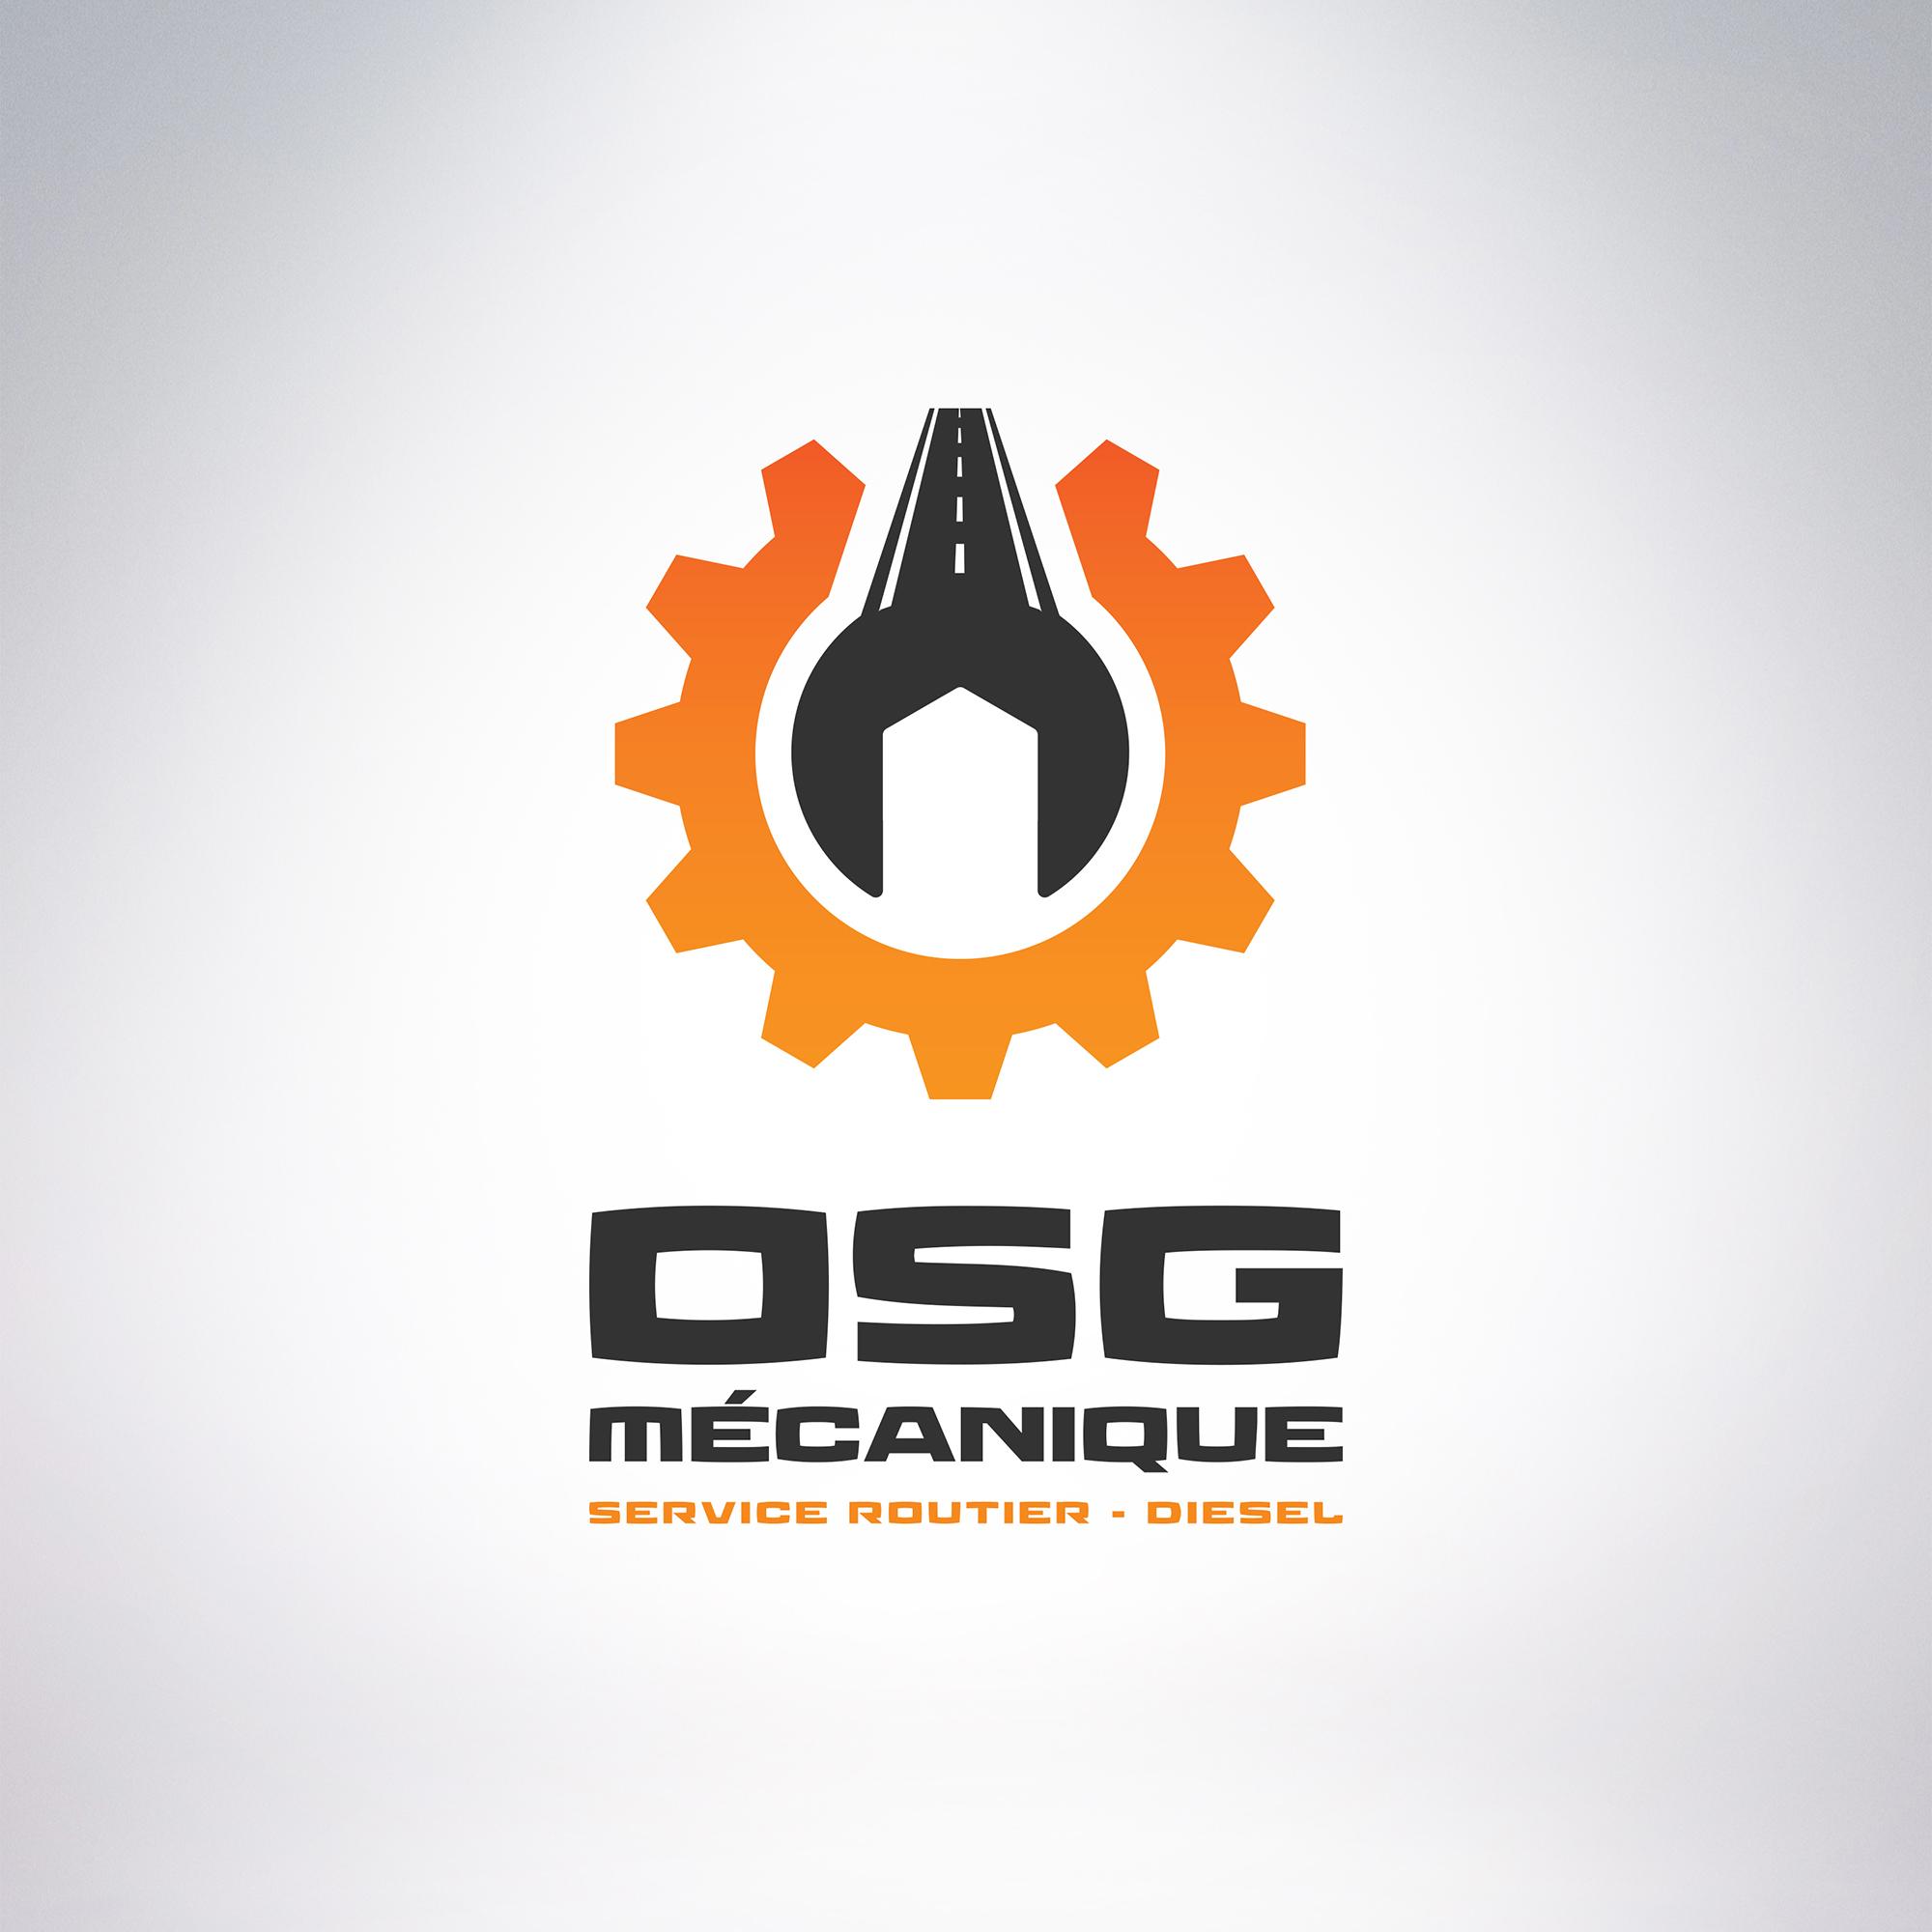 Logo de ODG mécanique